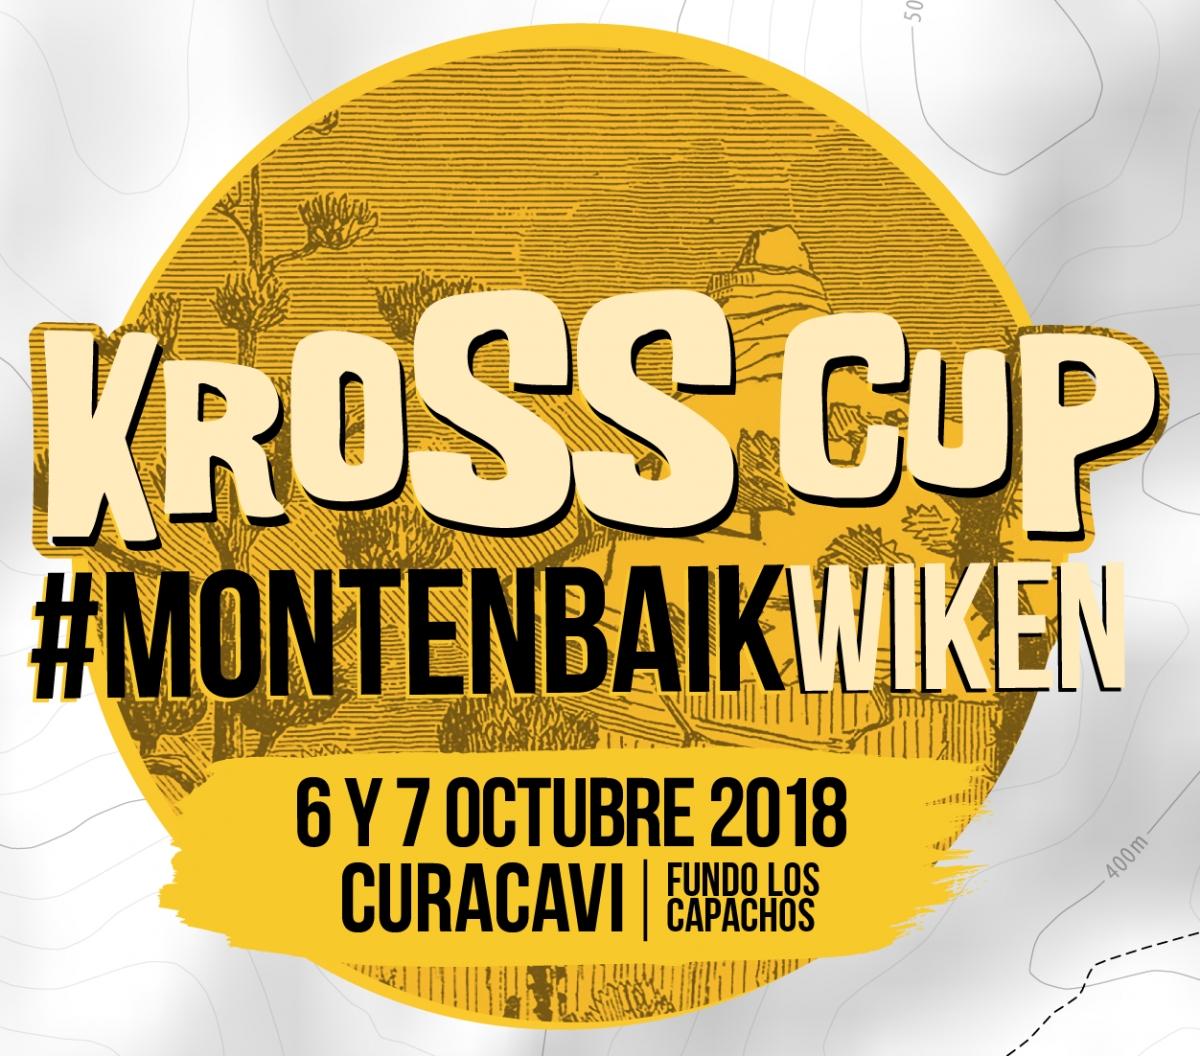 Kross Cup 2018